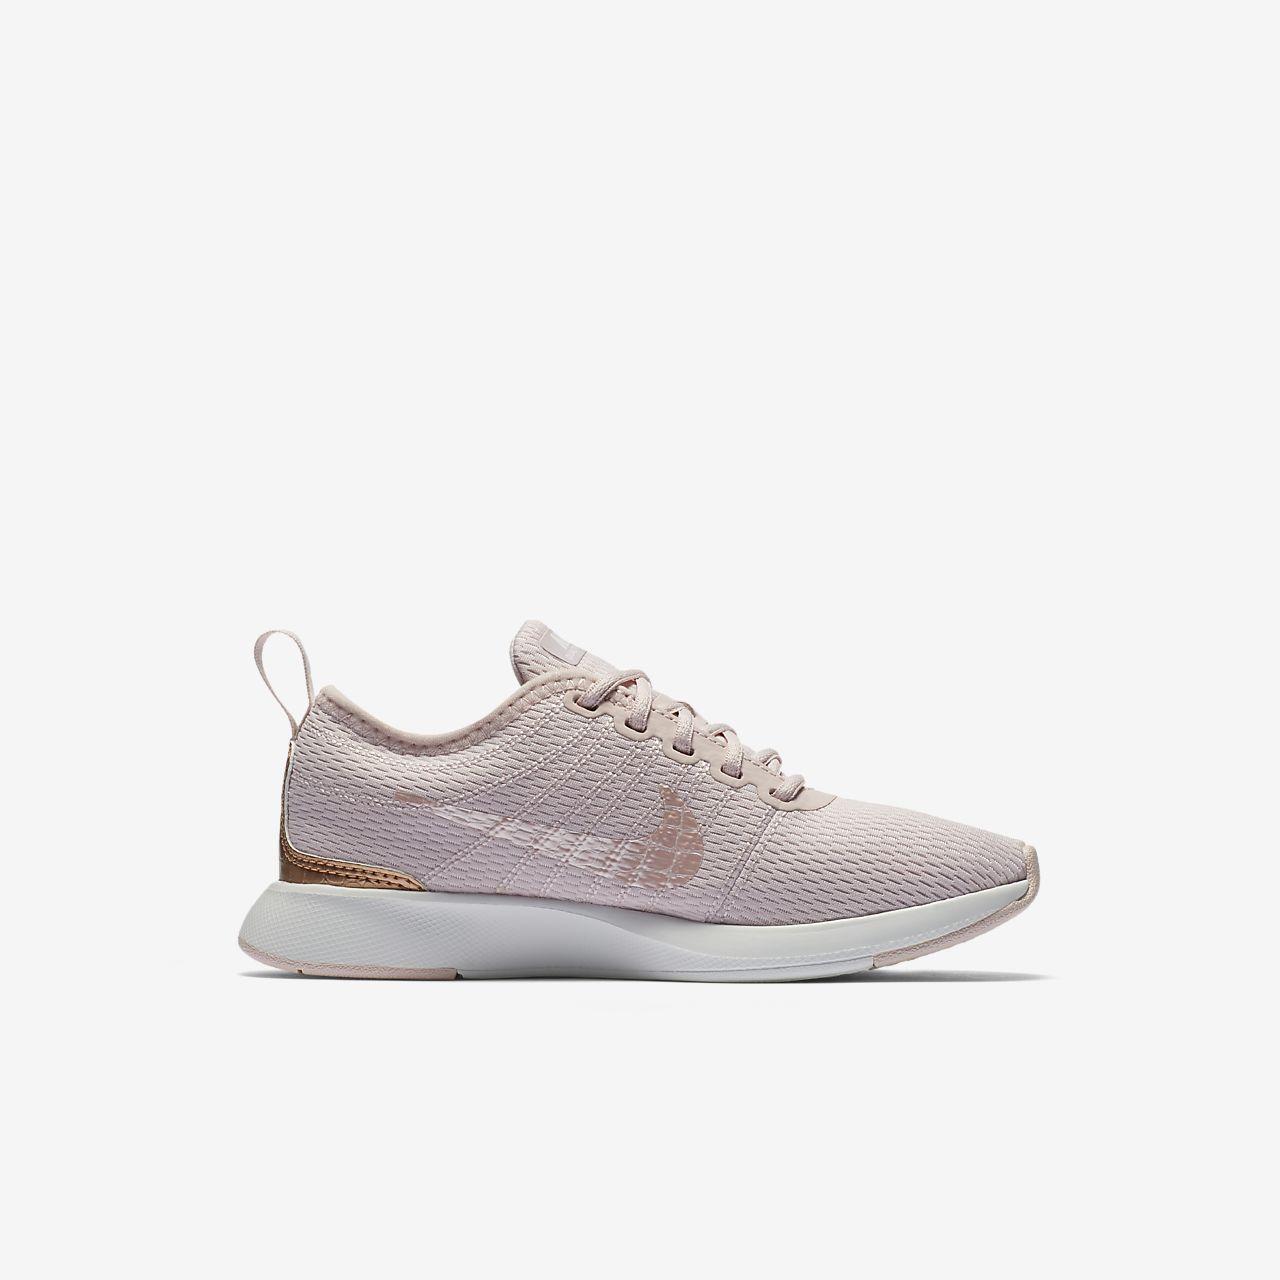 Nike Dualtone Racer Schuh für Babys und Kleinkinder - Pink VerHh